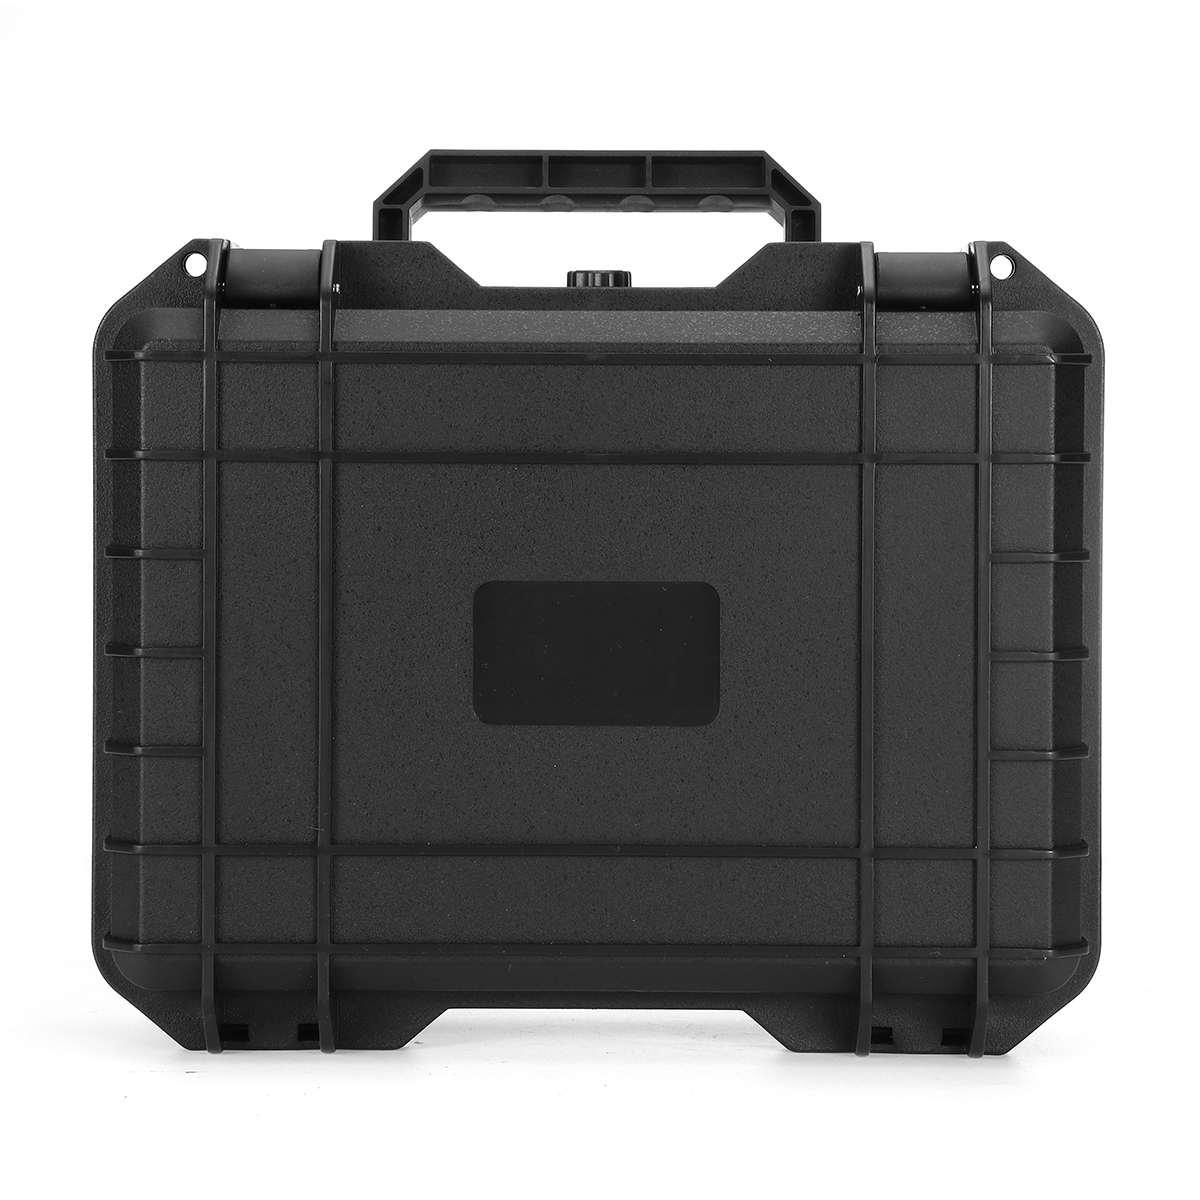 Защитный Безопасный инструмент, ящик для инструментов, водонепроницаемый ударопрочный ящик для хранения, герметичный чехол для инструмент...